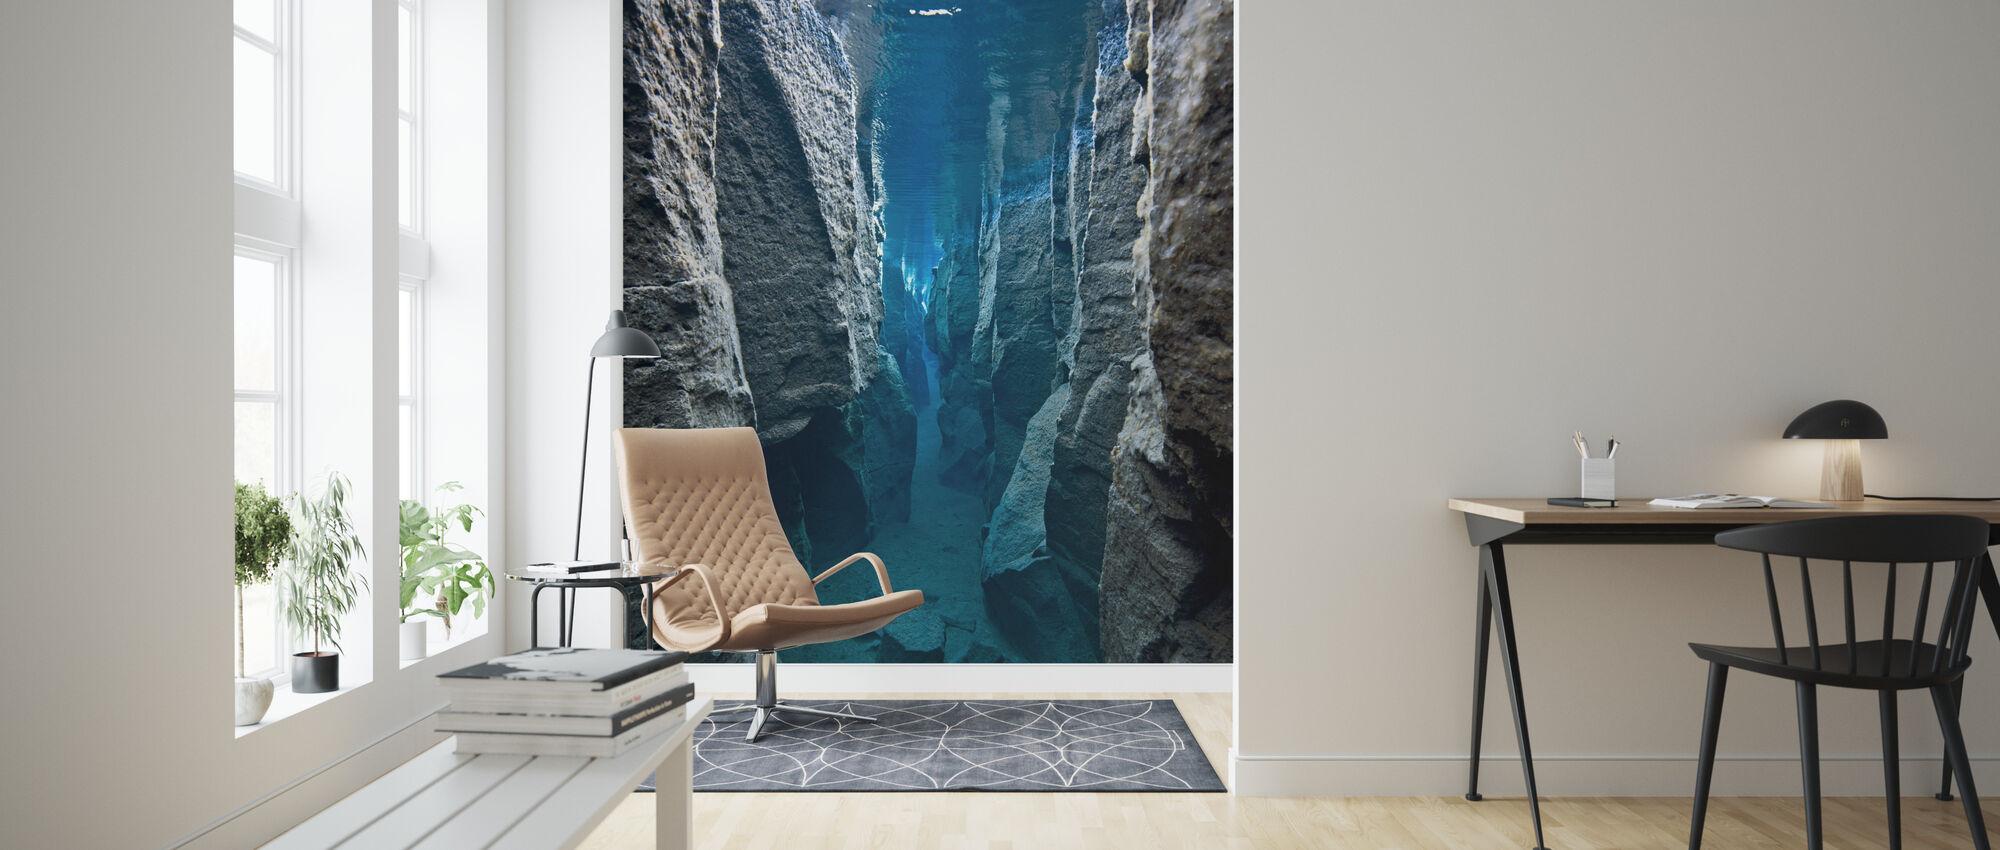 Deep Crack - Wallpaper - Living Room